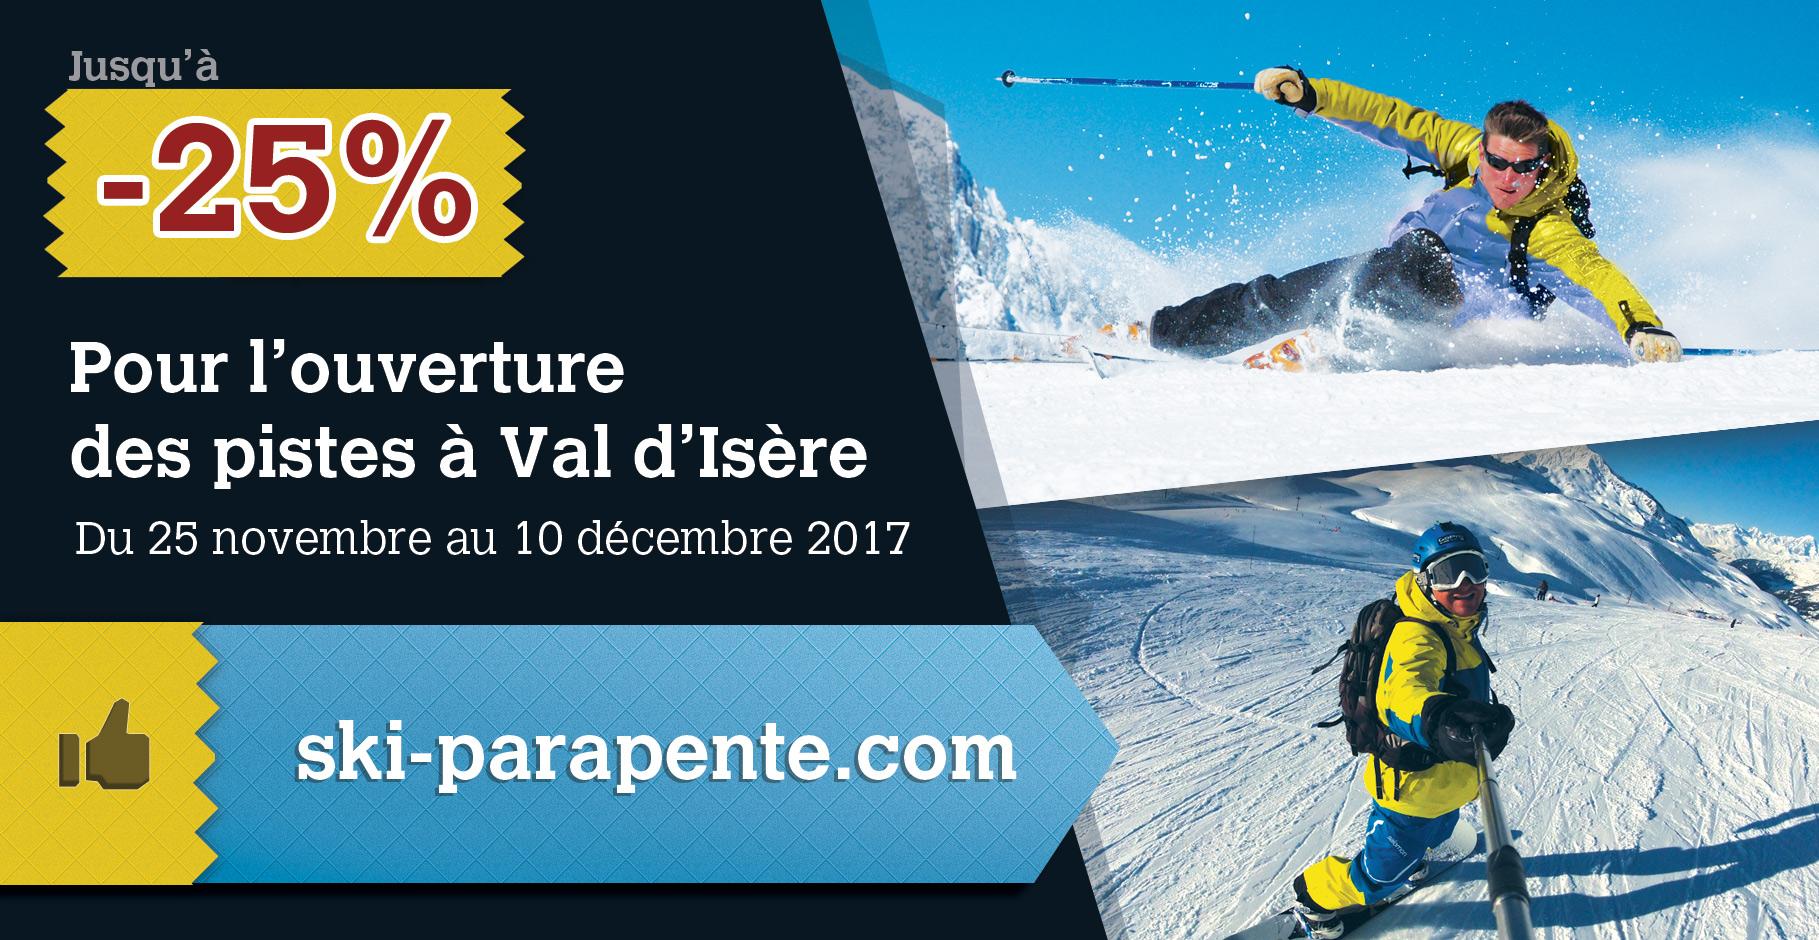 Offre_Ouverture_2017-Ski-parapente-fr